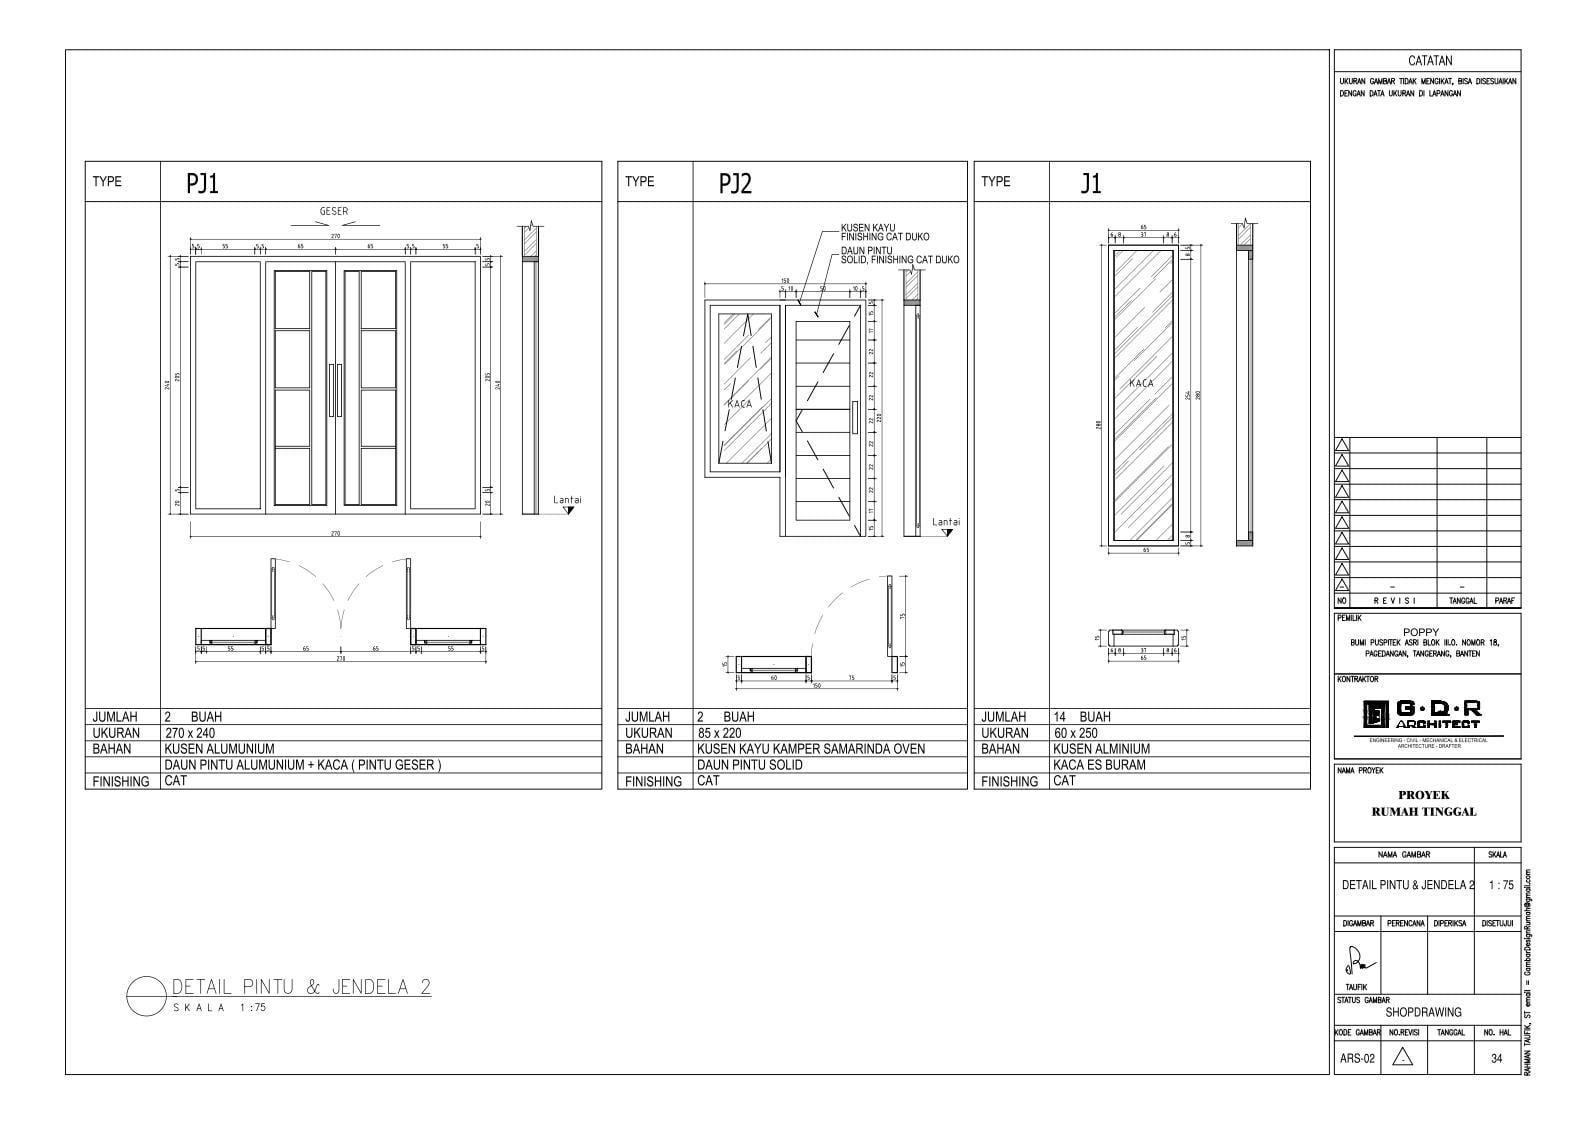 Jasa Desain Rumah Contoh Paket Gambar Kerja 34 DETAIL PINTU DAN JENDELA 2